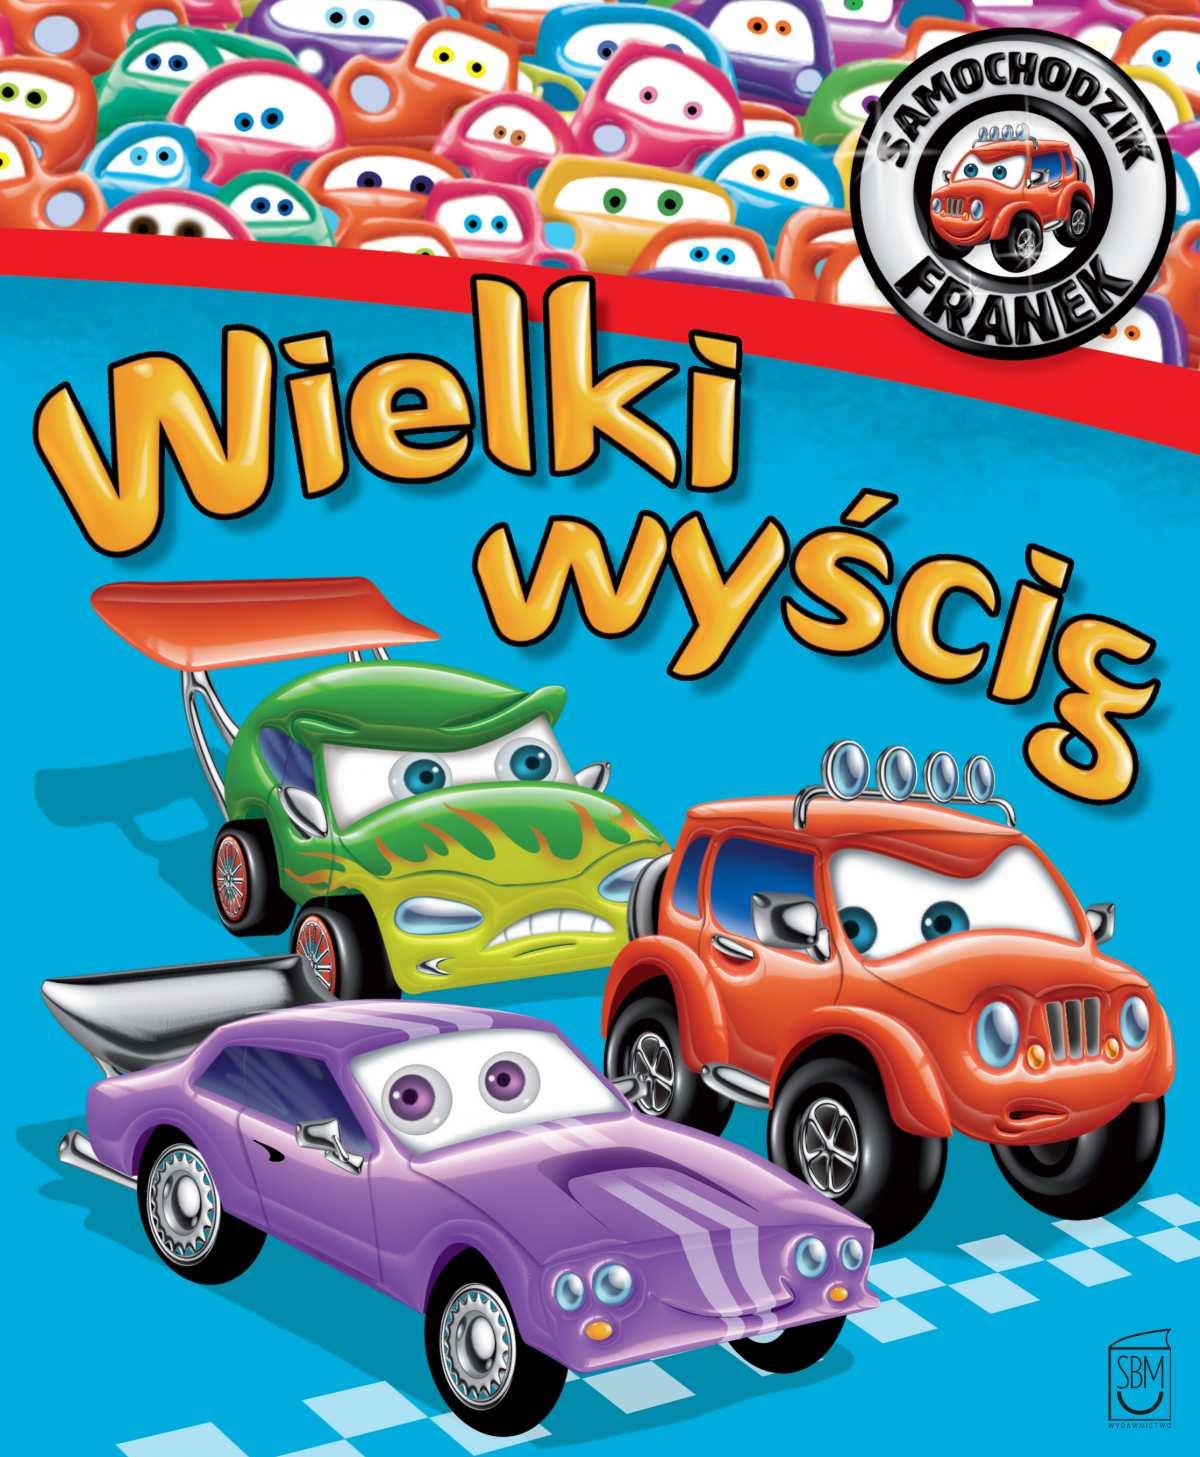 Samochodzik Franek. Wielki wyścig - Ebook (Książka PDF) do pobrania w formacie PDF